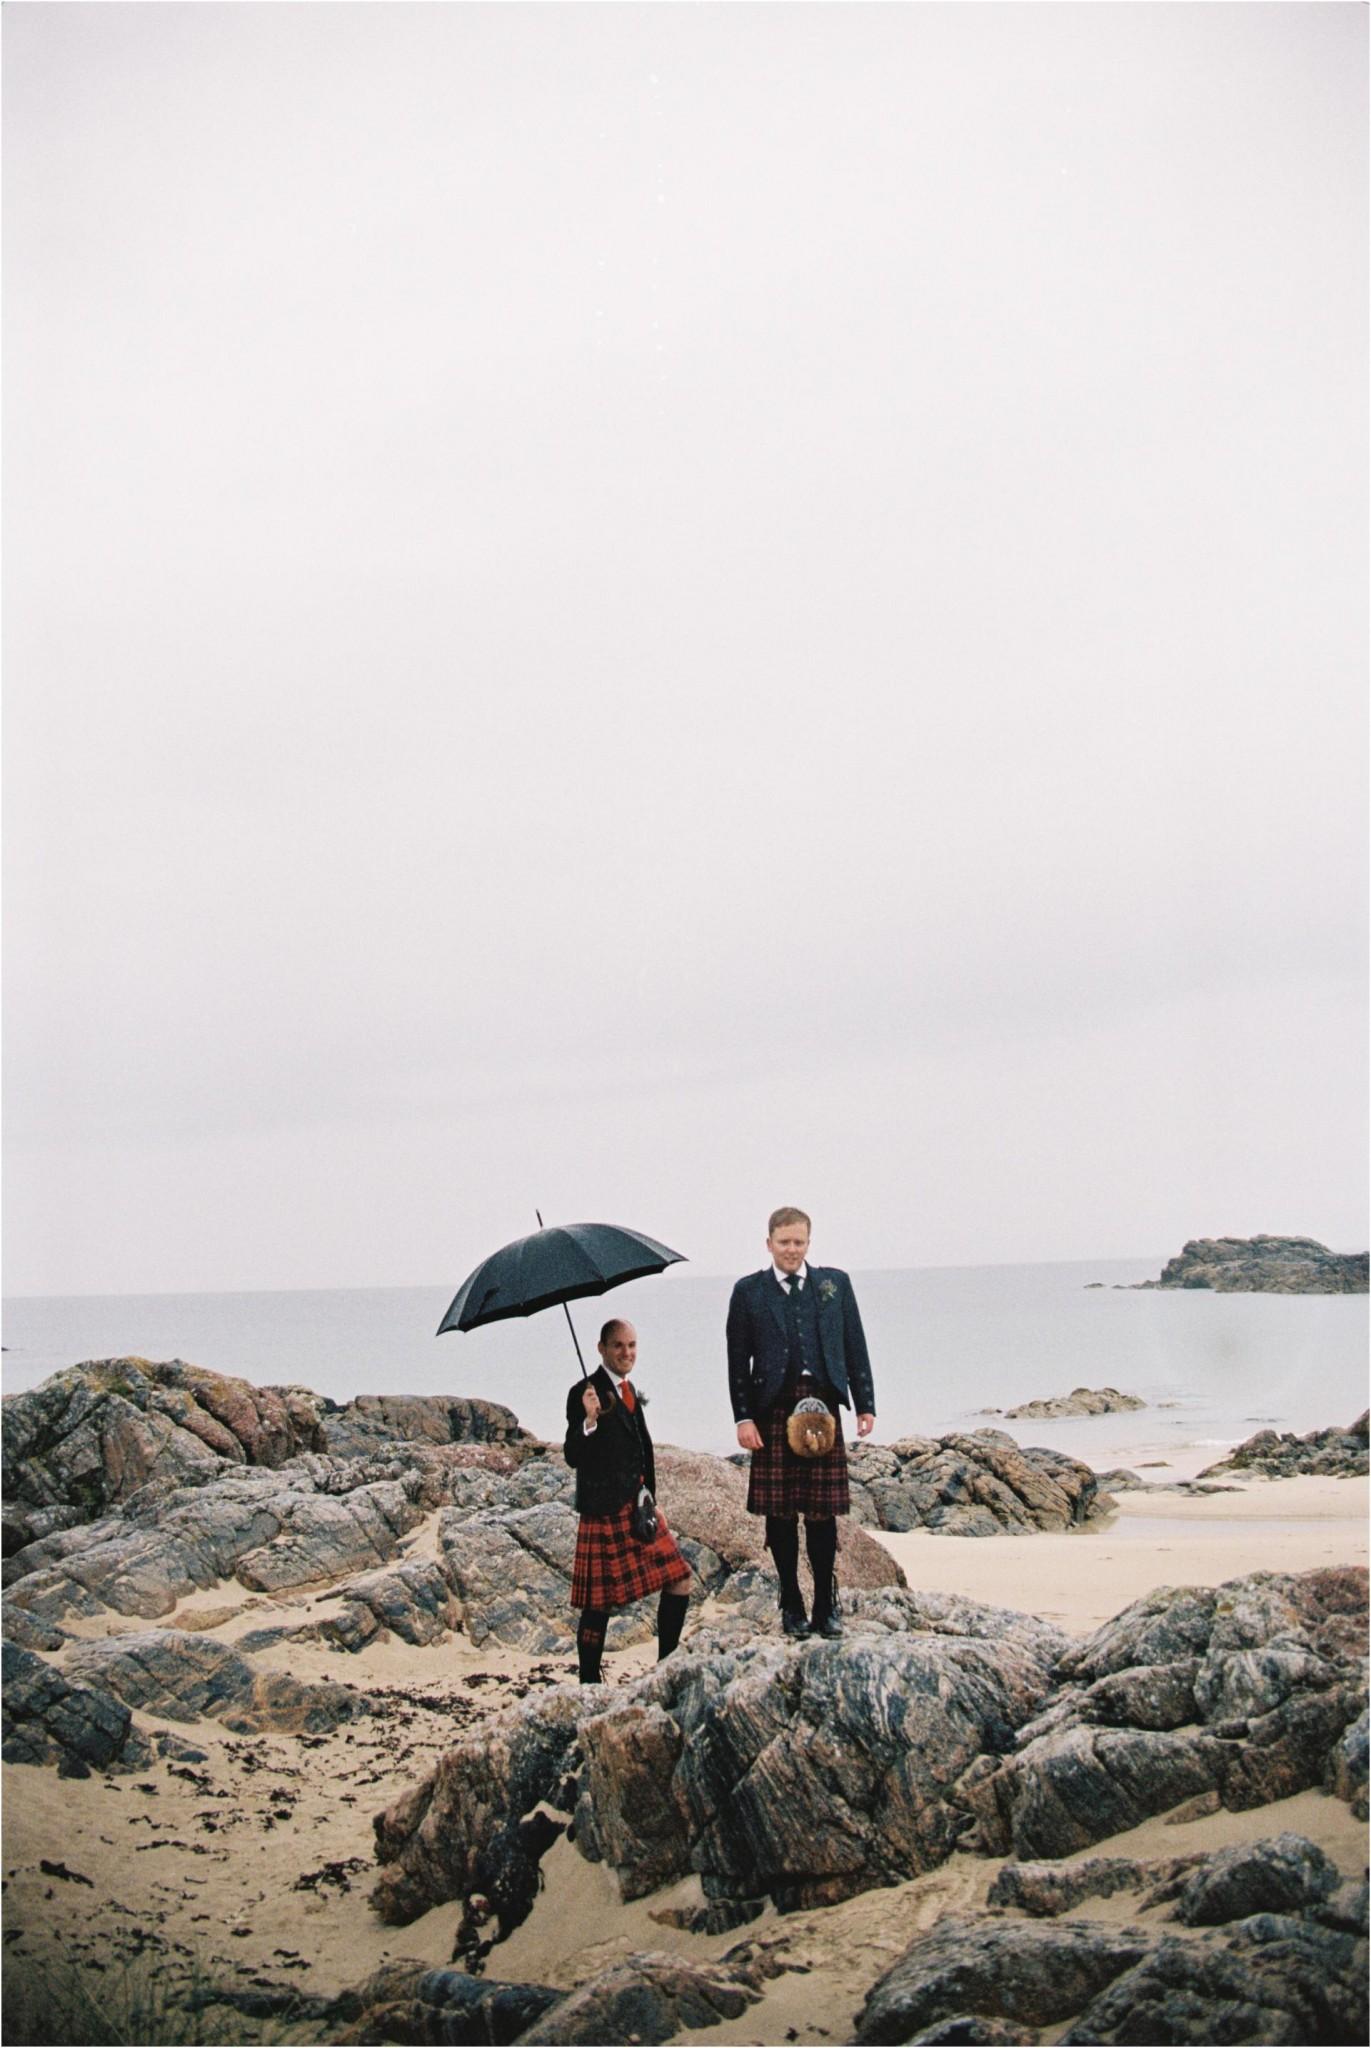 weddingsonfilmphotosbyzoe94